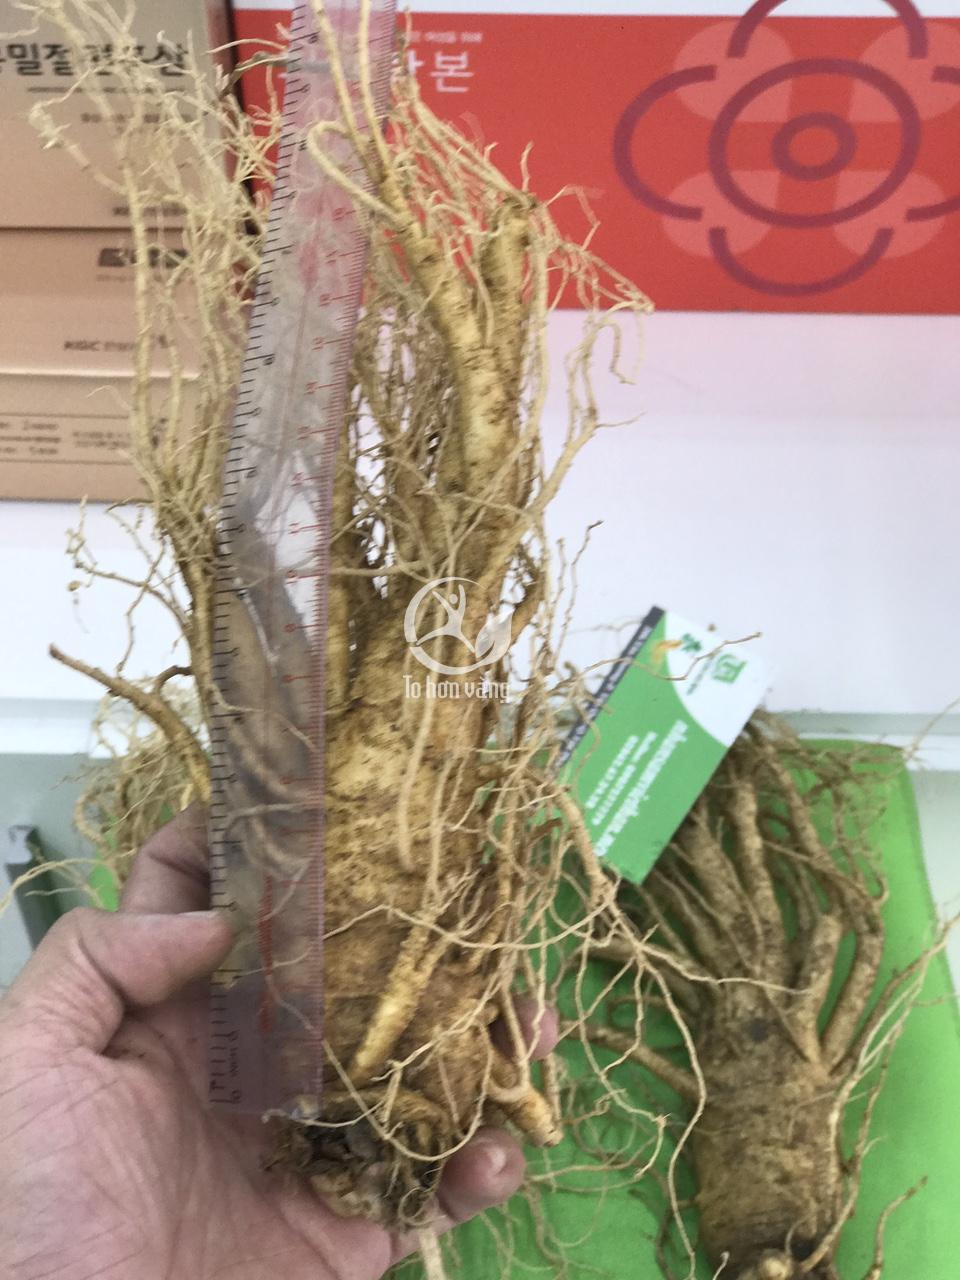 Khi quan sát thấy rễ sâm tròn, rời rạc, phân biệt với các rễ sâm bên cạnh và không quấn lấy nhau thì cũng là một phần đánh giá chất lượng sâm tốt